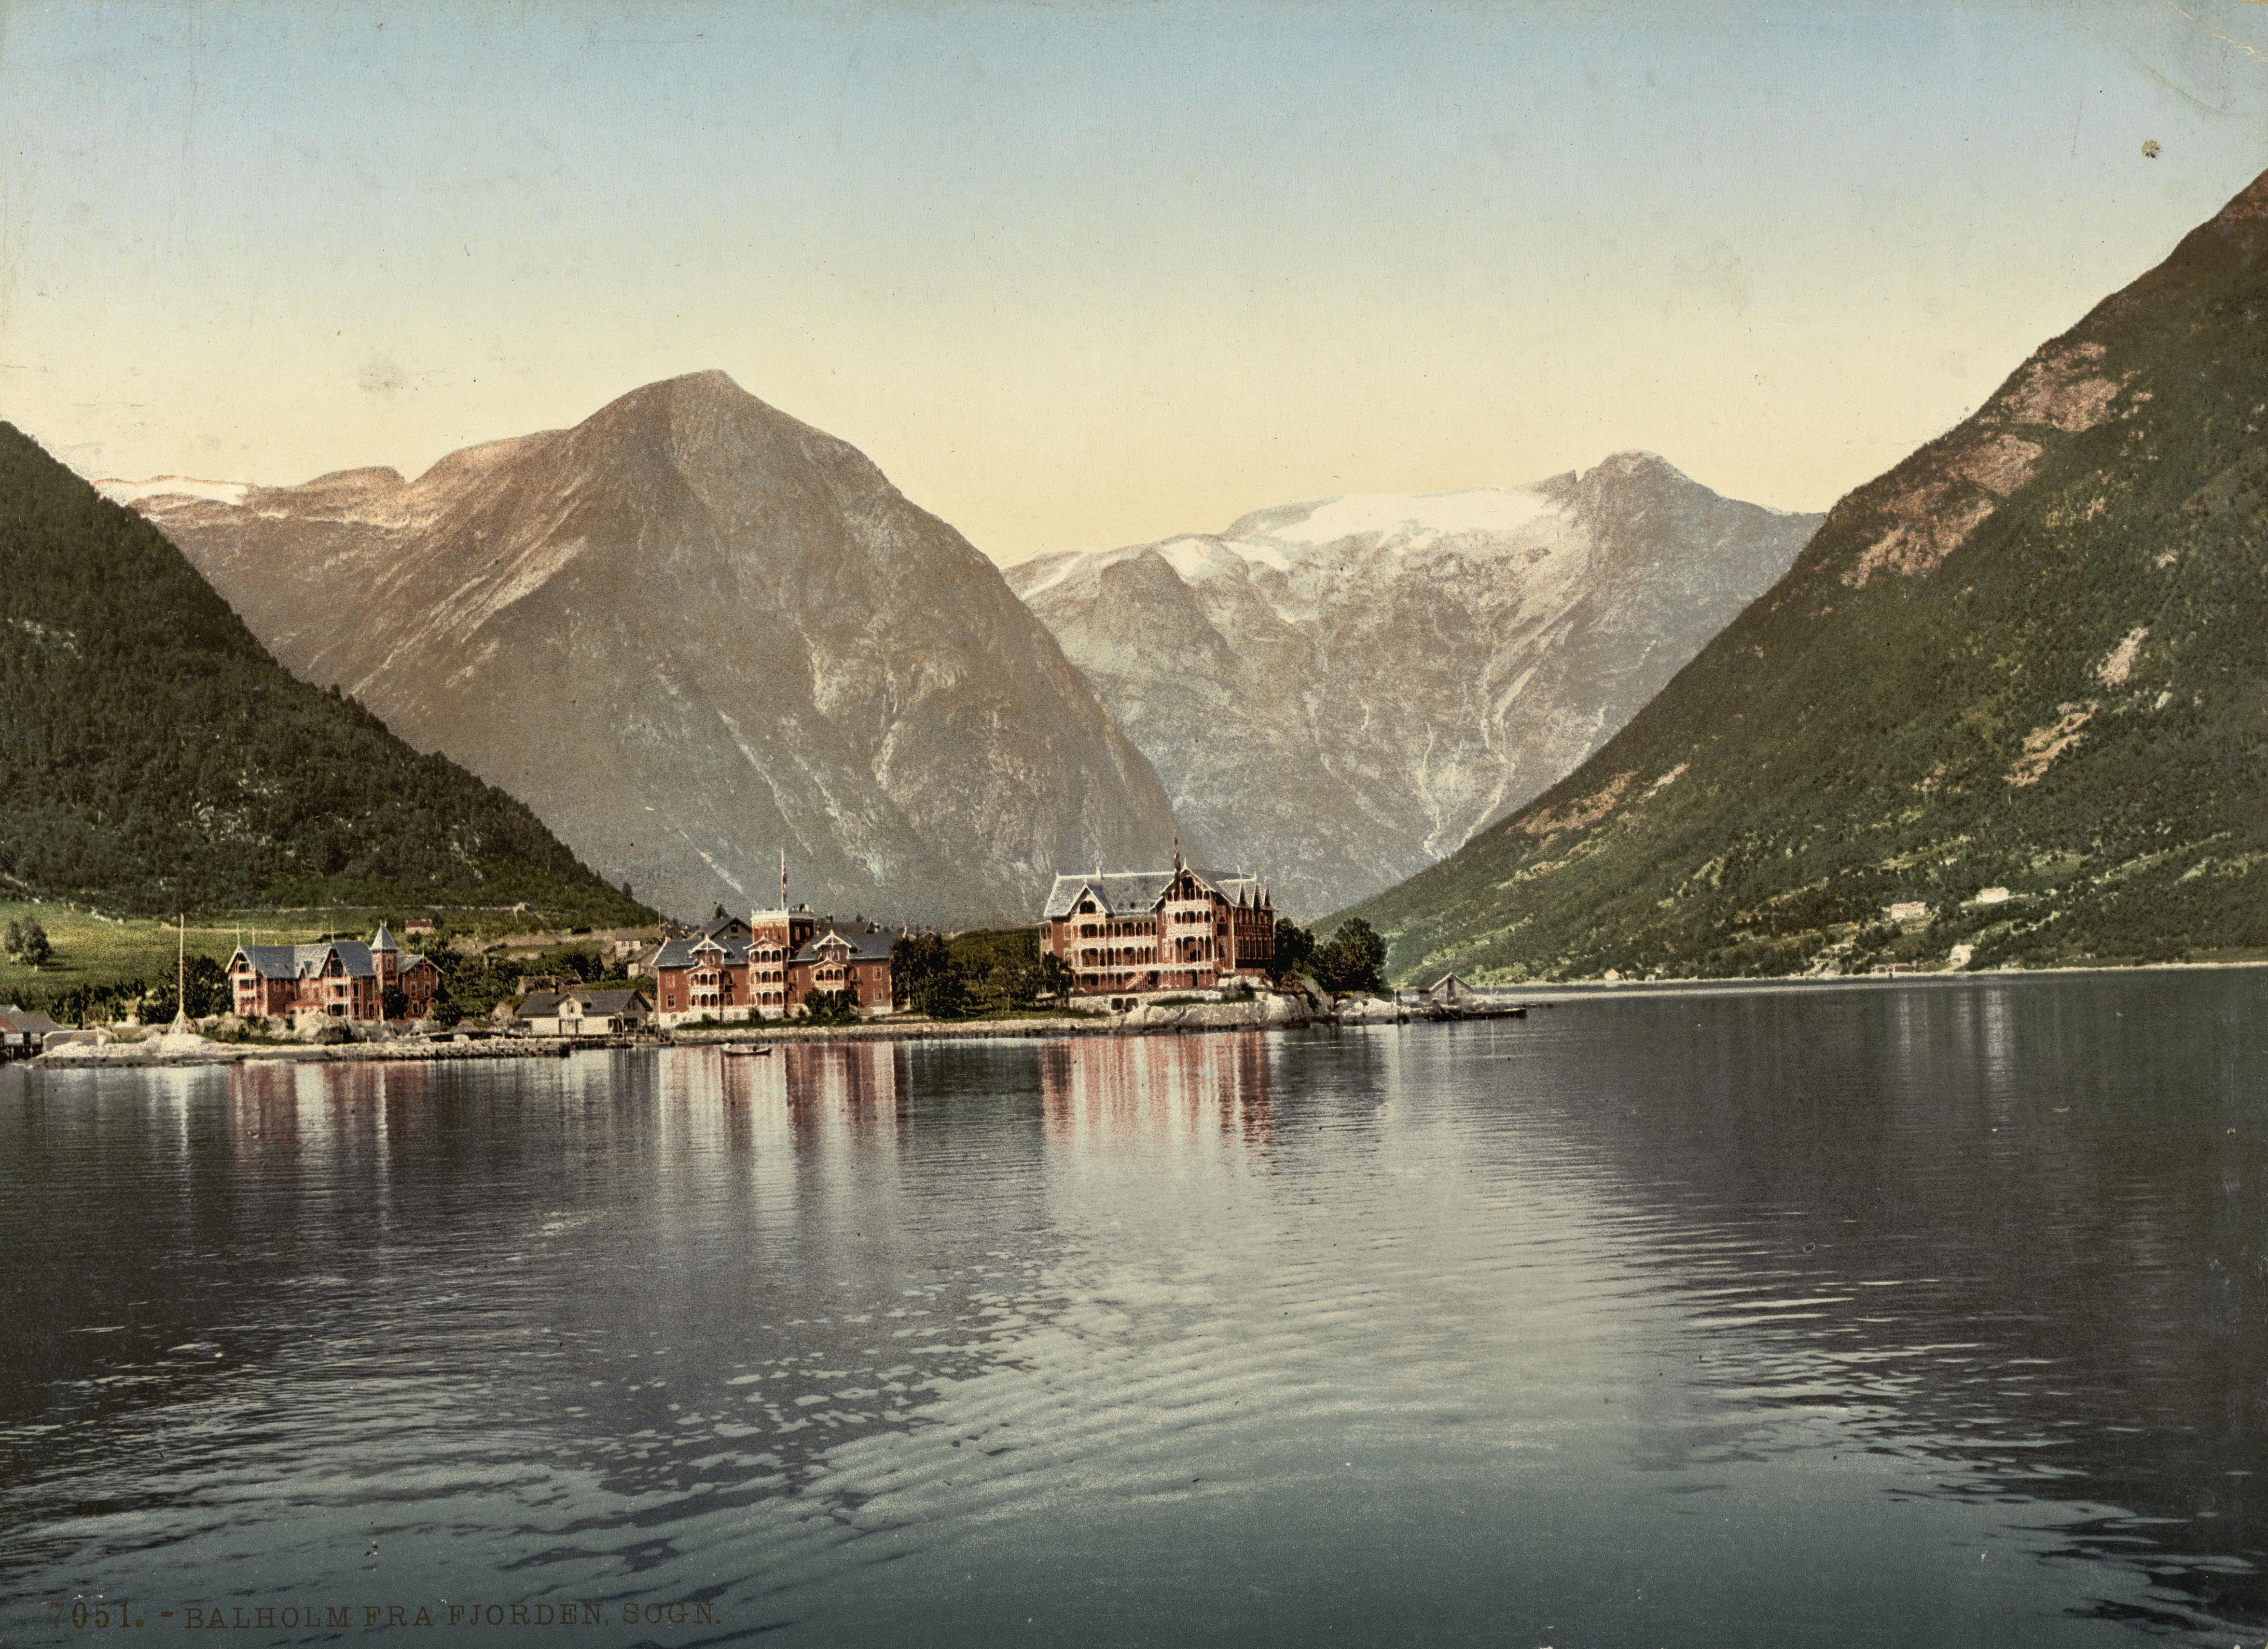 7051. Balholm fra fjorden, Sogn